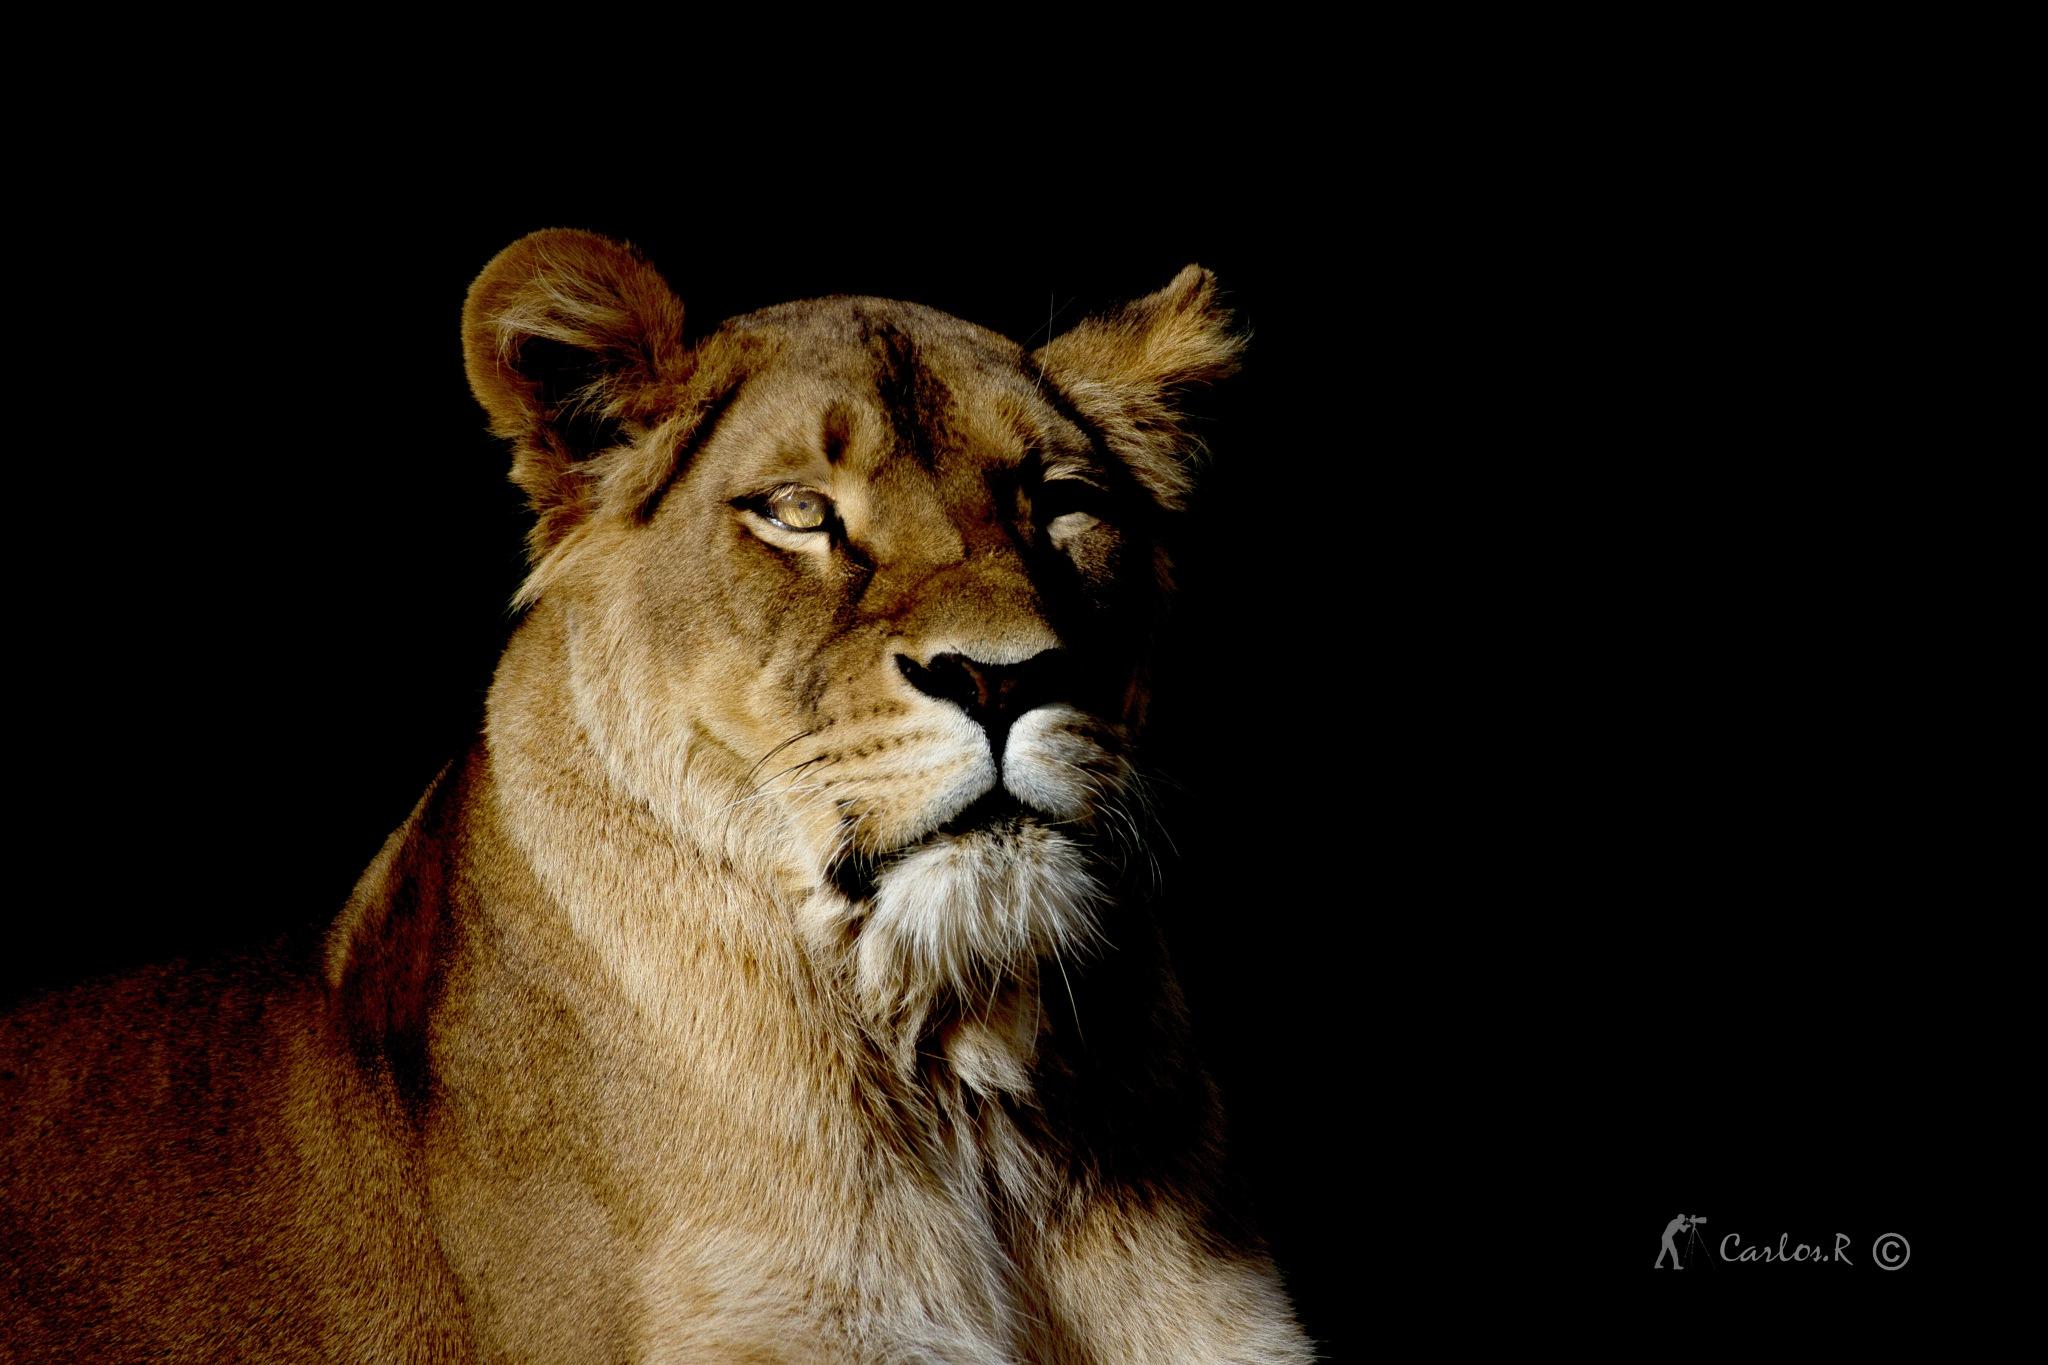 portrait d une lionne by carlosr